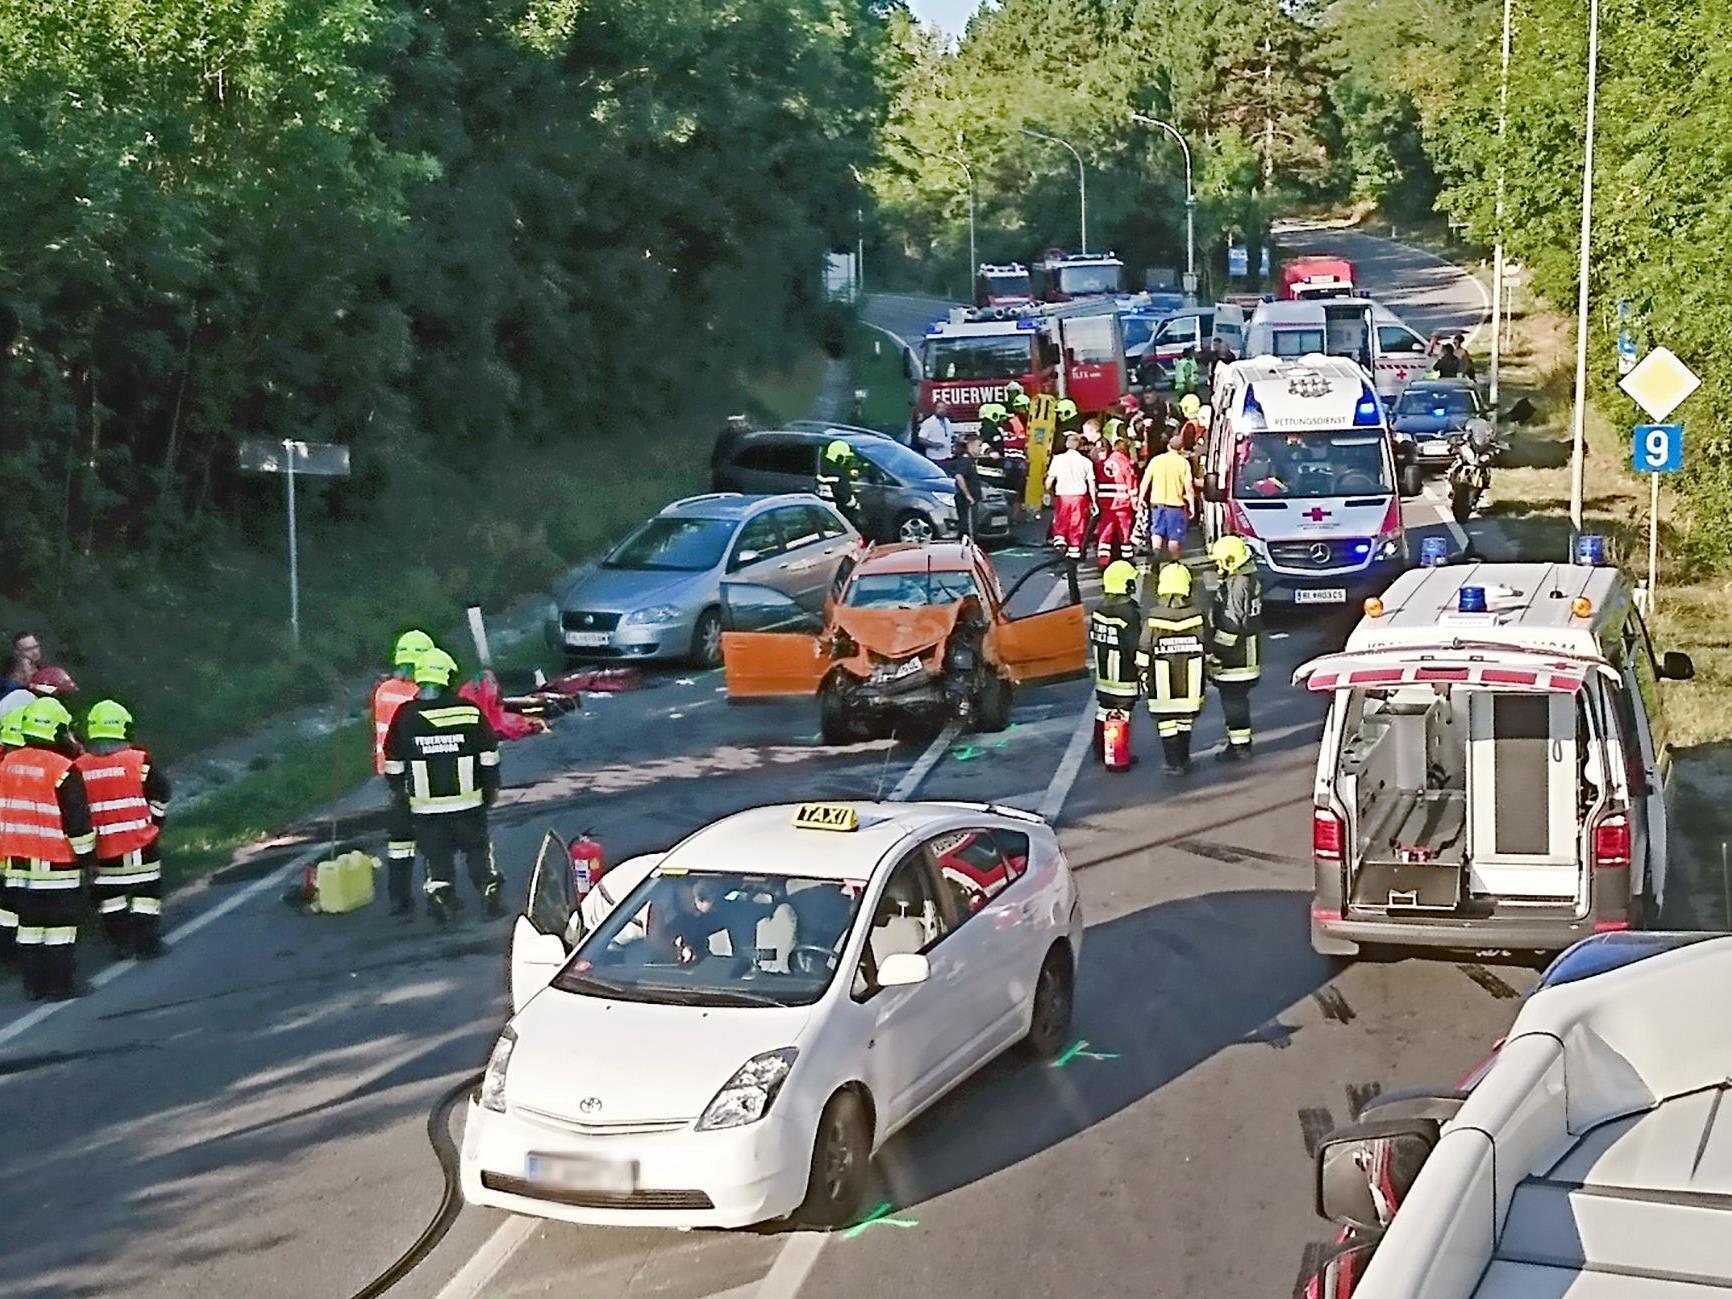 An der Unfallstelle bei bei Hainburg (Bezirk Bruck an der Leitha)